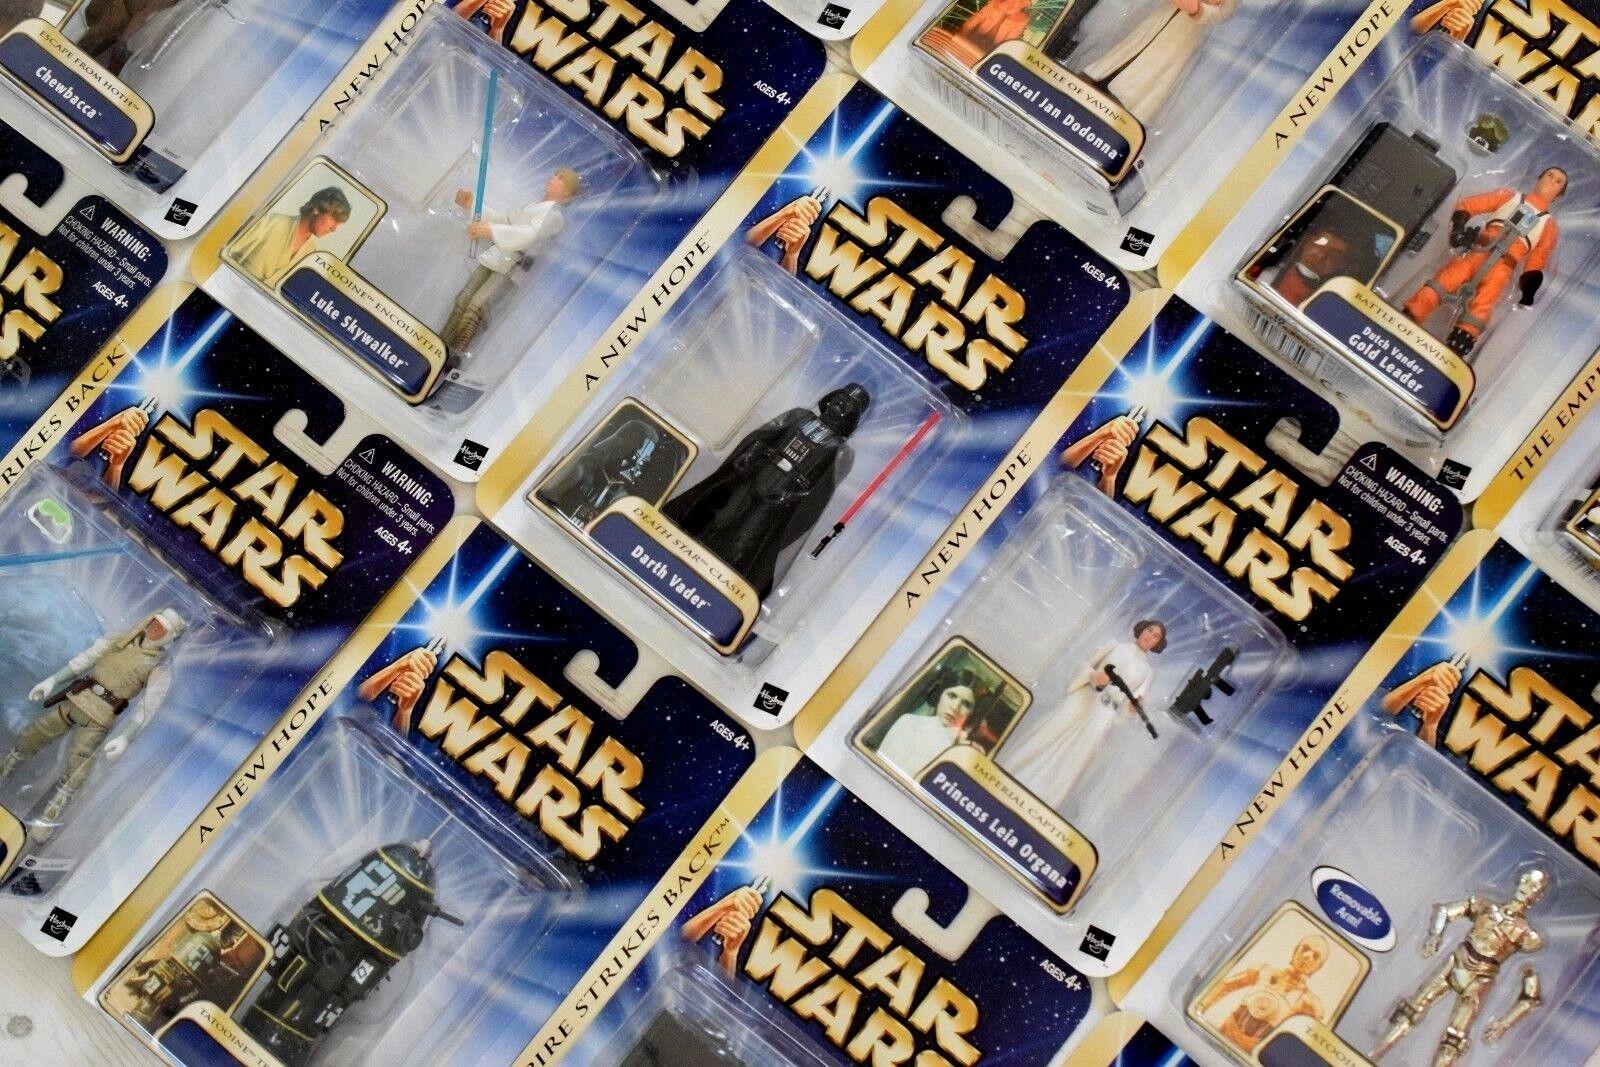 Star Wars Saga 2004 (gold Striscia) Cardato Personaggi (a) - Tutti Moc - Vedi